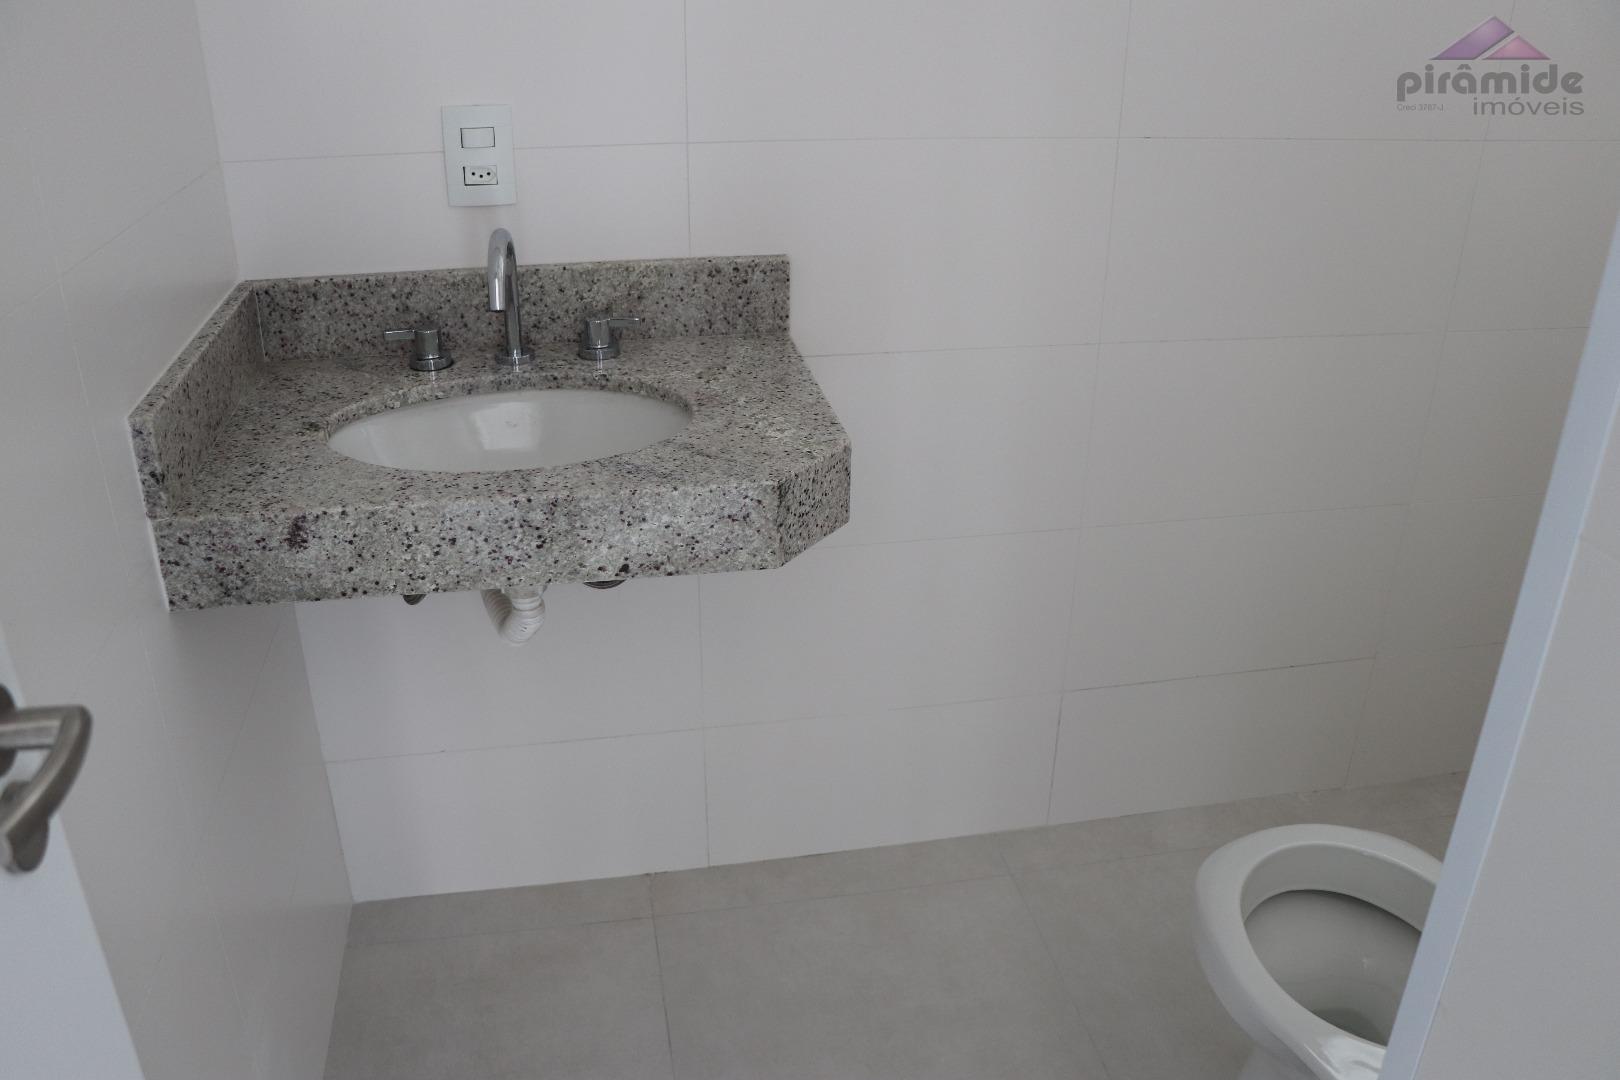 Cobertura residencial à venda, Indaiá, Caraguatatuba - CO0065.